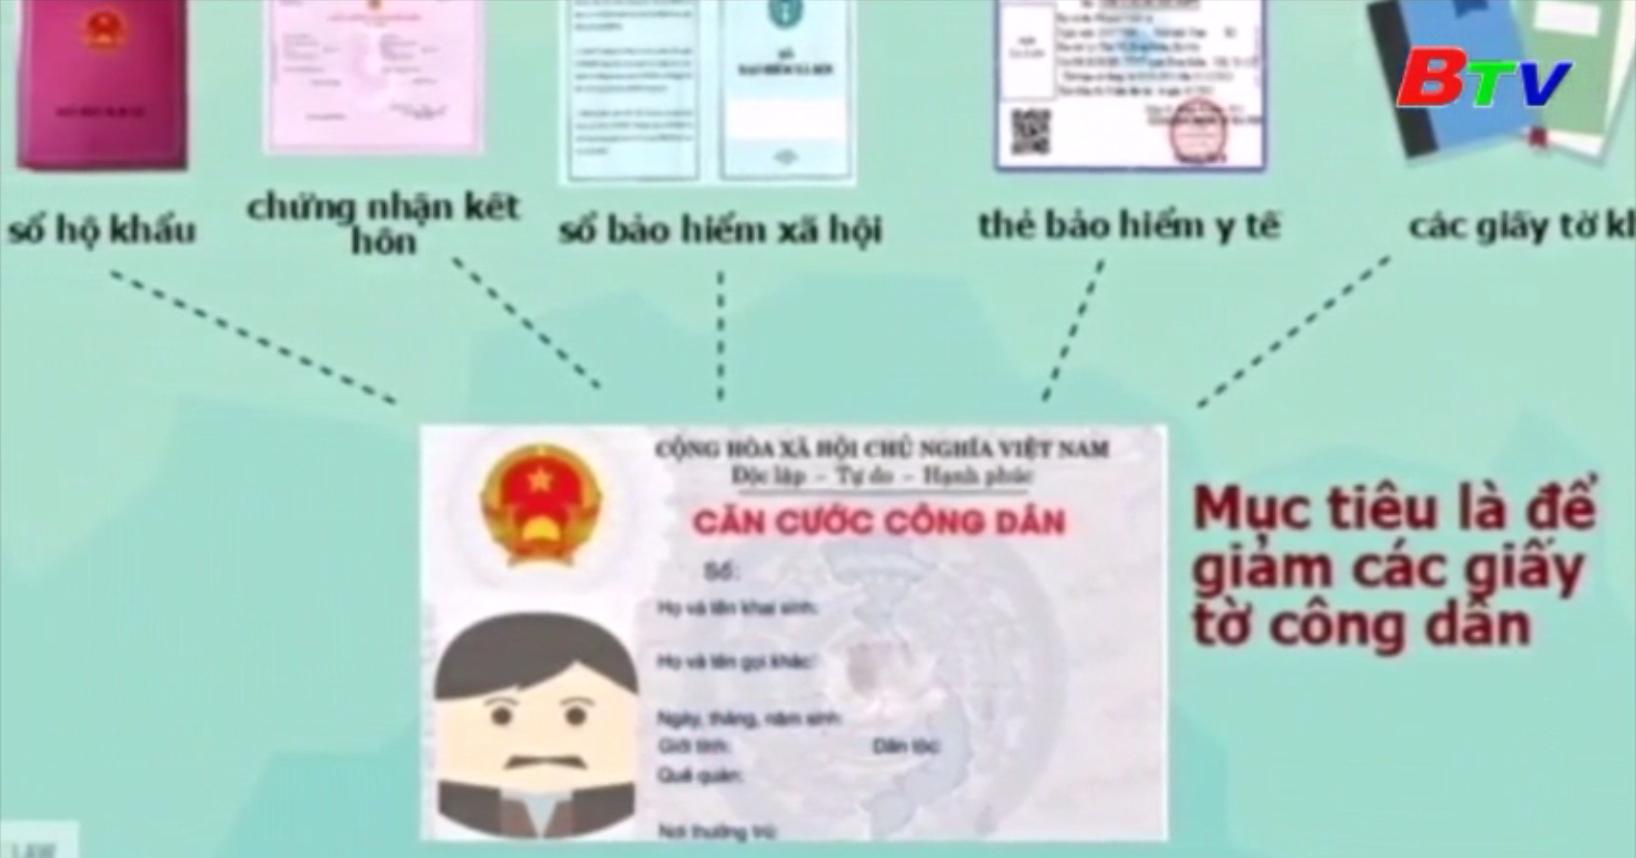 Việt Nam - Thẻ căn cước công dân sẽ được tích hợp chip điện tử